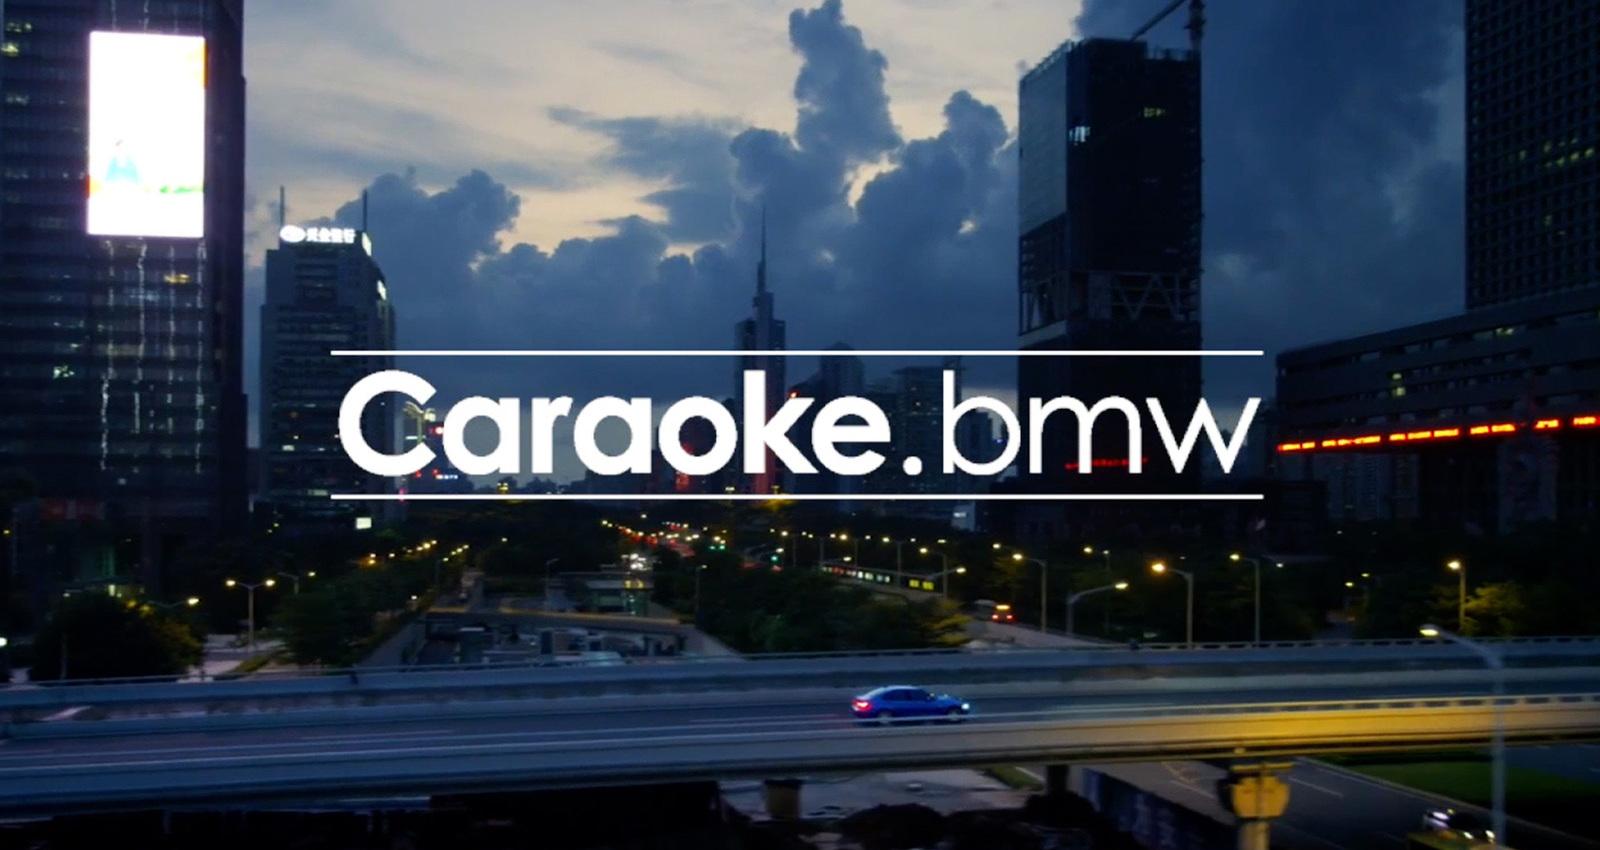 Caraoke.bmw